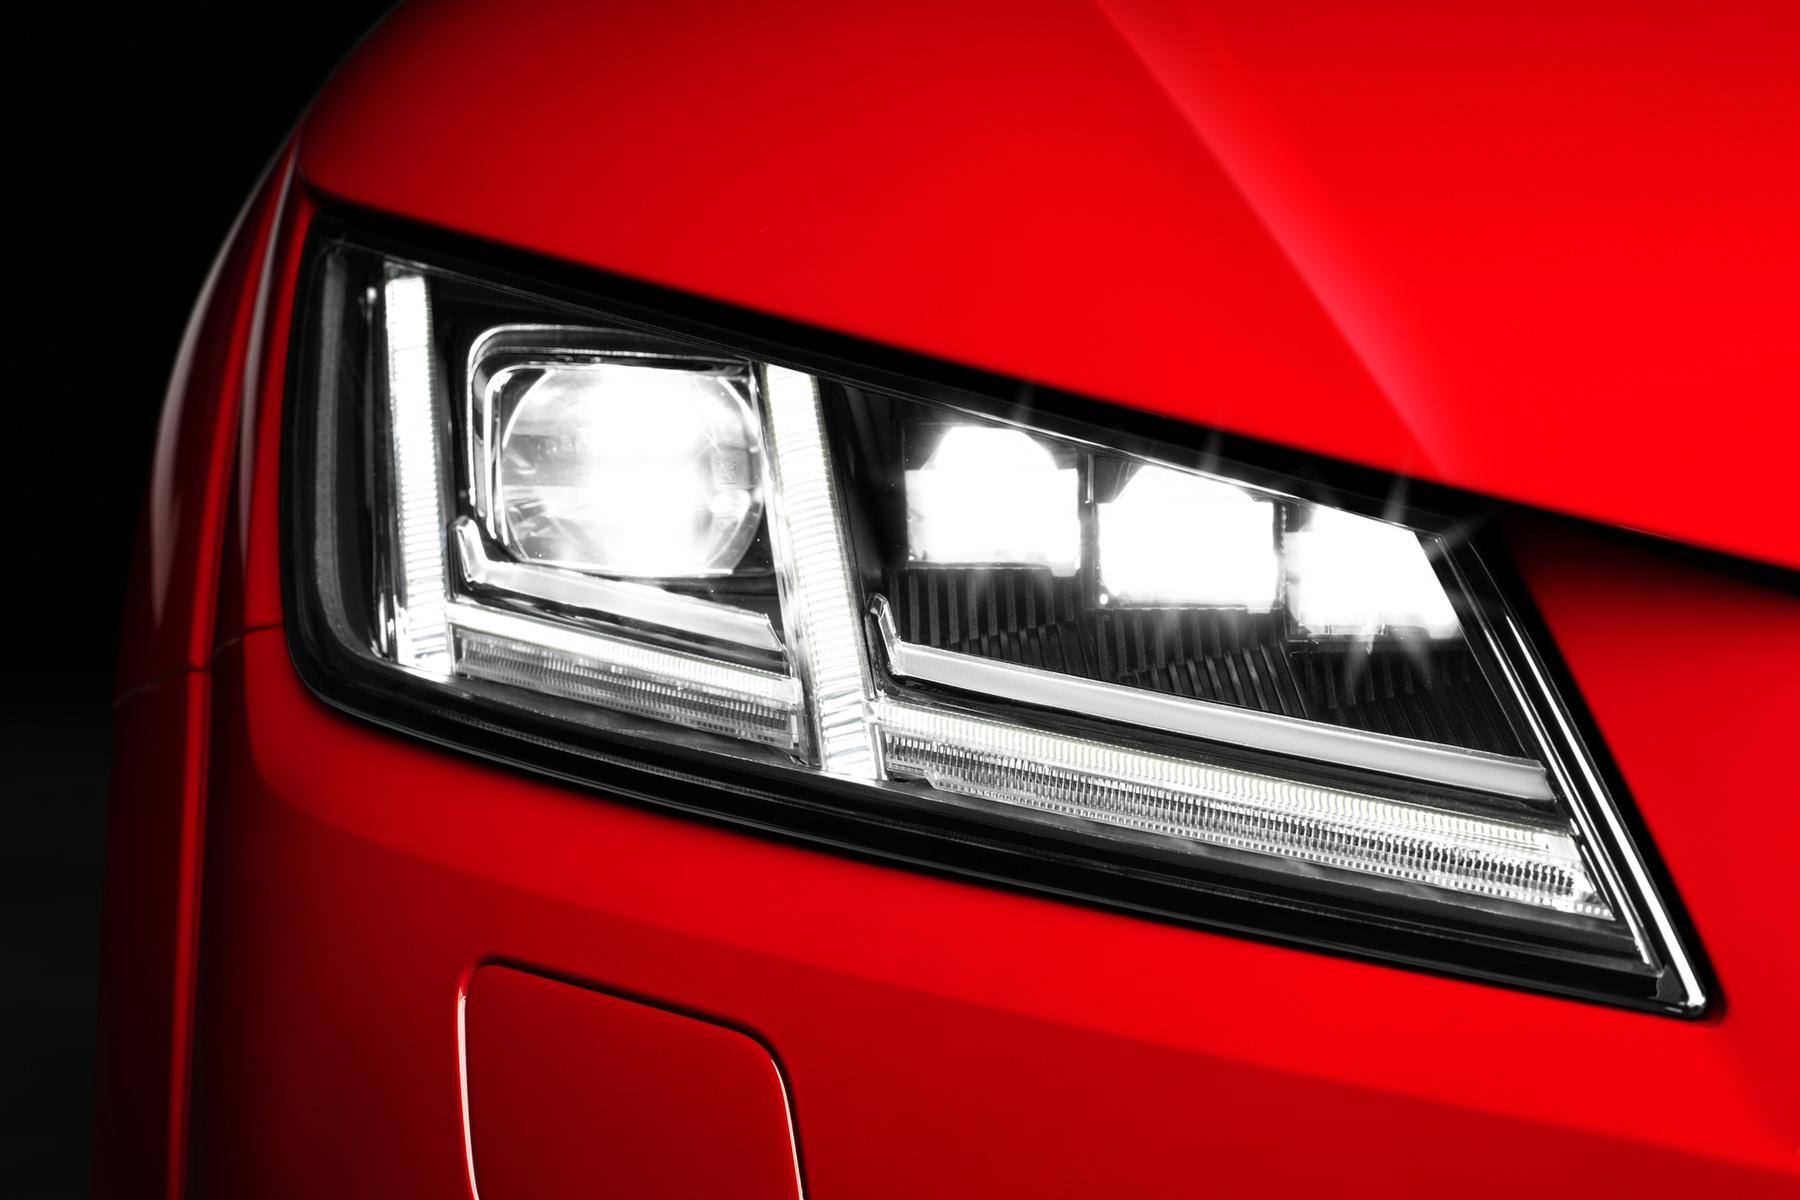 Totalcar Audi L 233 Zer L E D Gal 233 Ria